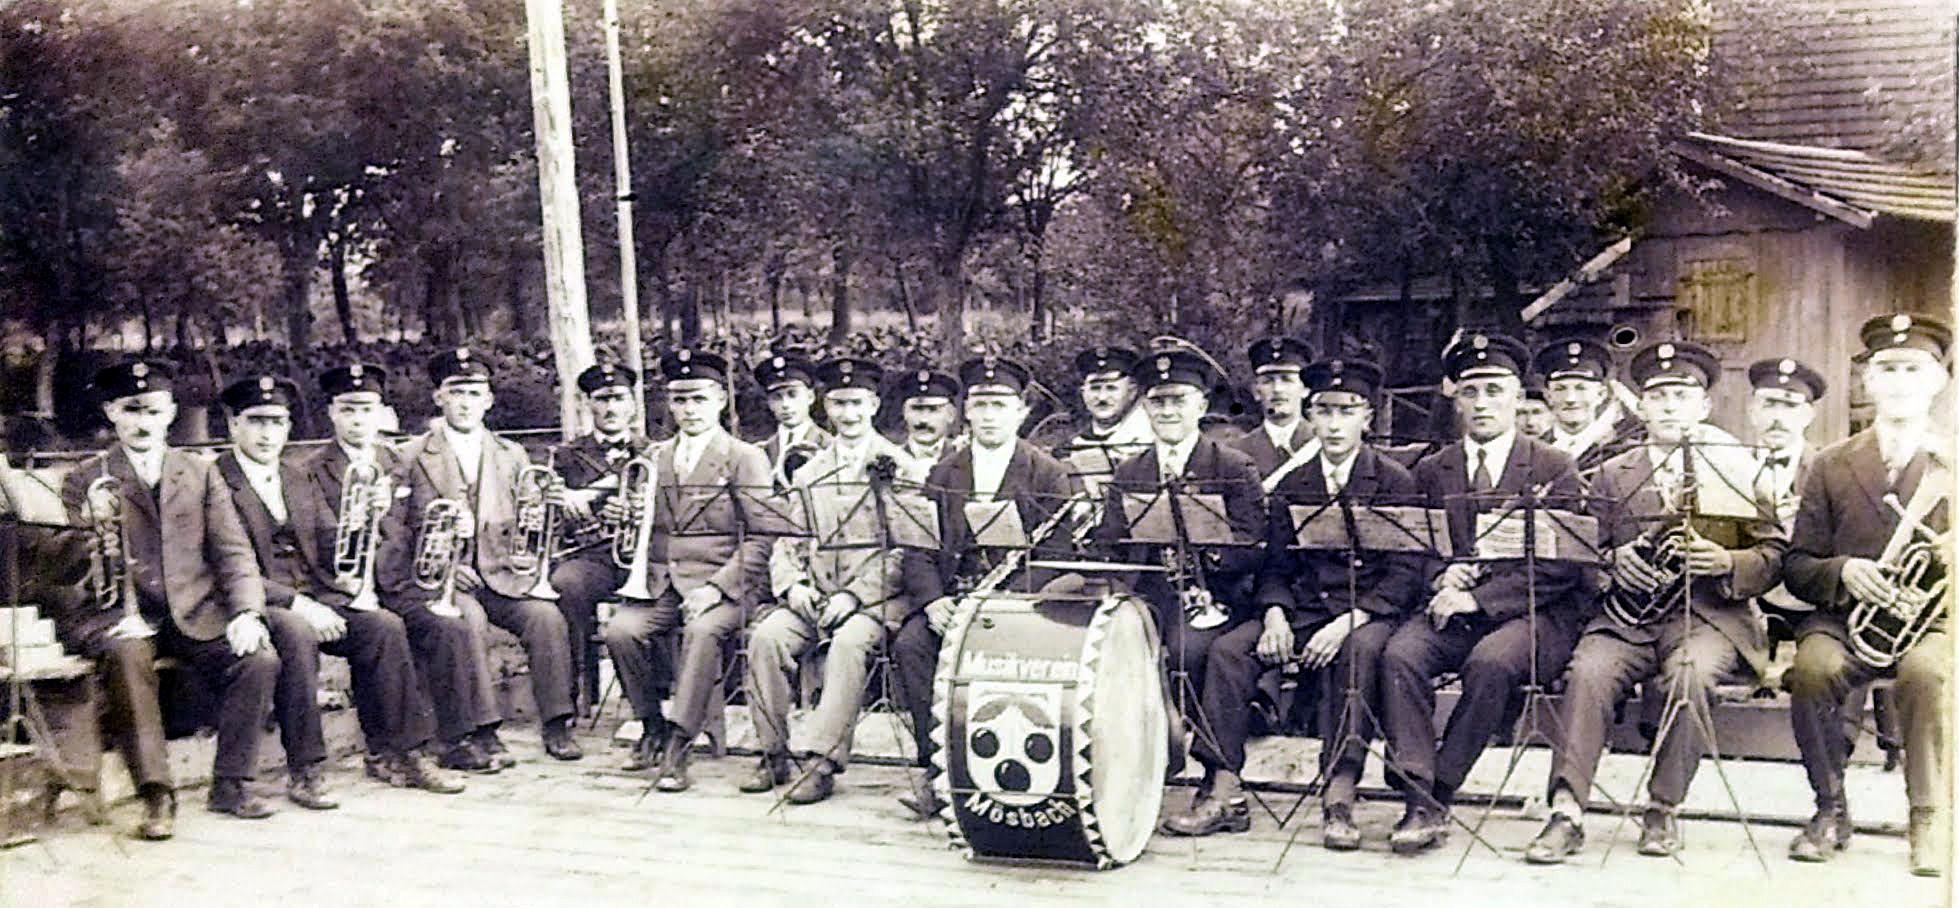 Musikverein Mösbach 1930